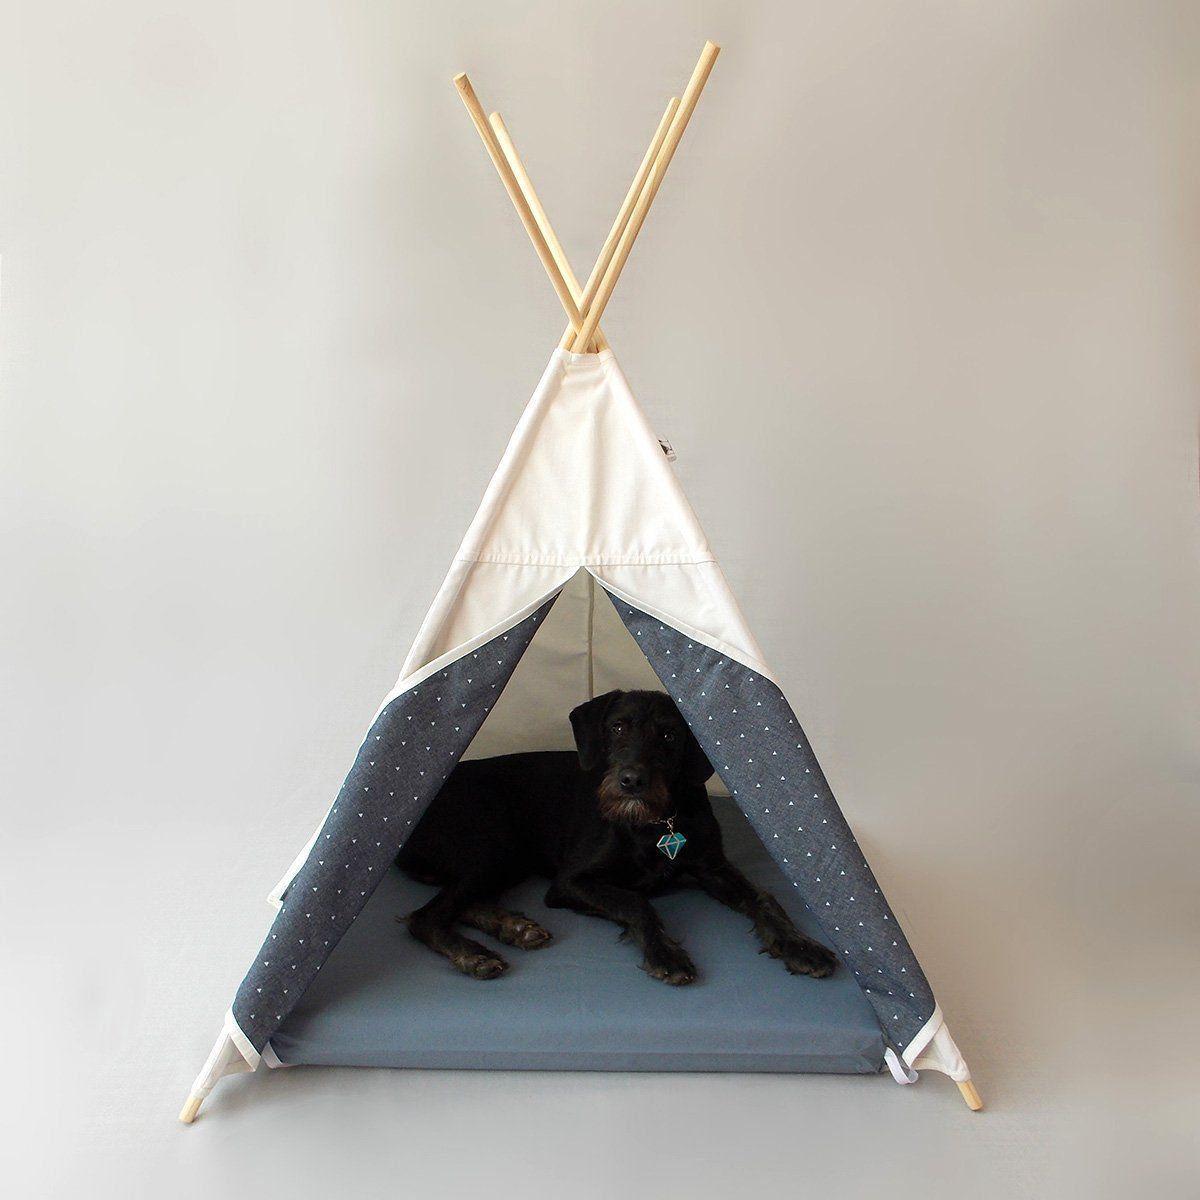 Tenda para Cachorro Beds for Pets Blue